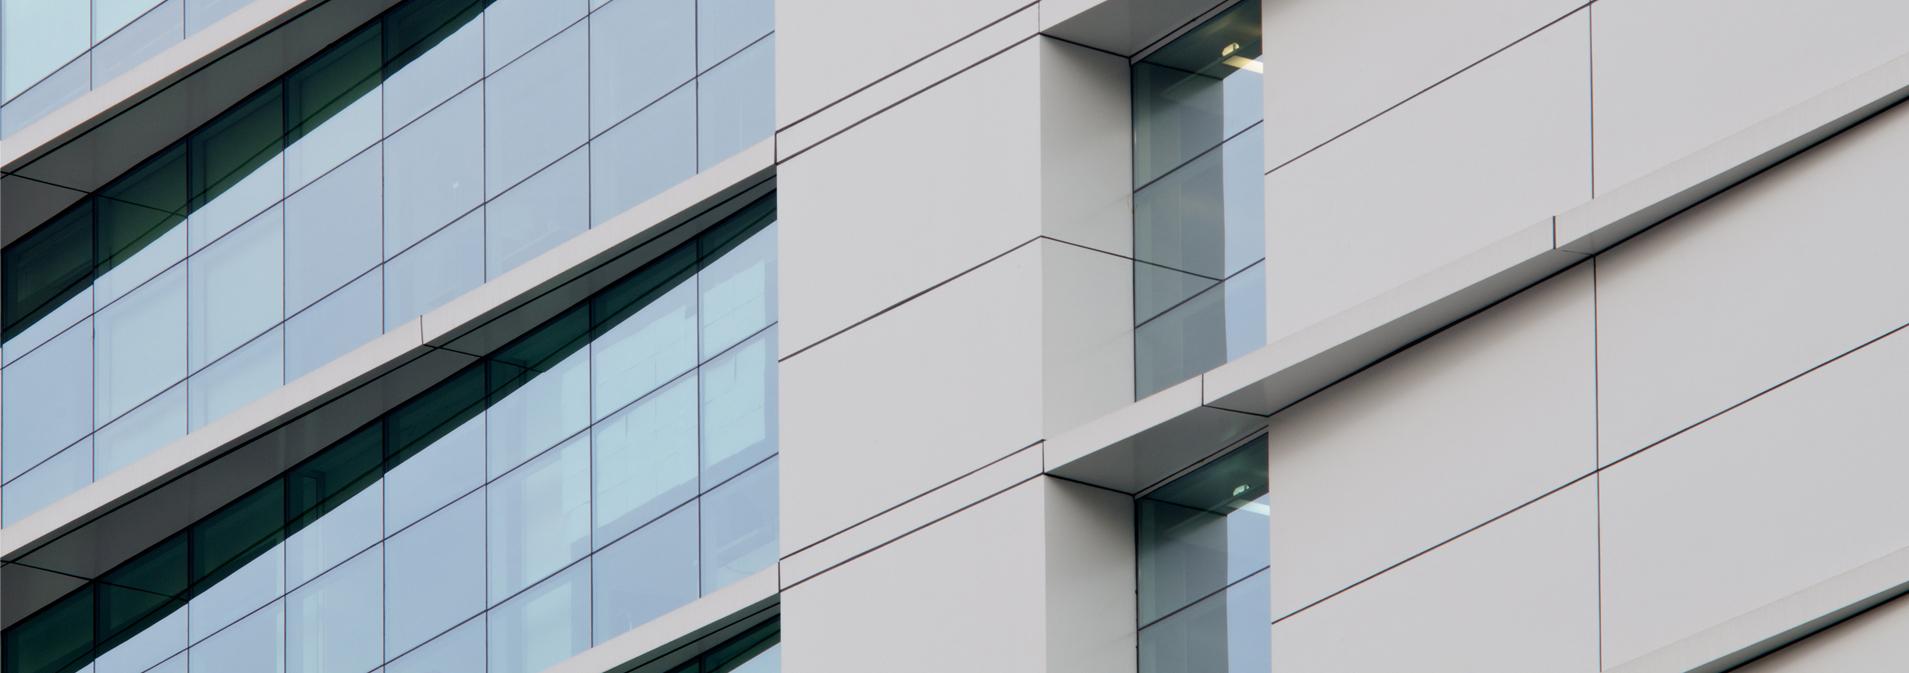 Edificio Apoquindo, Las Condes